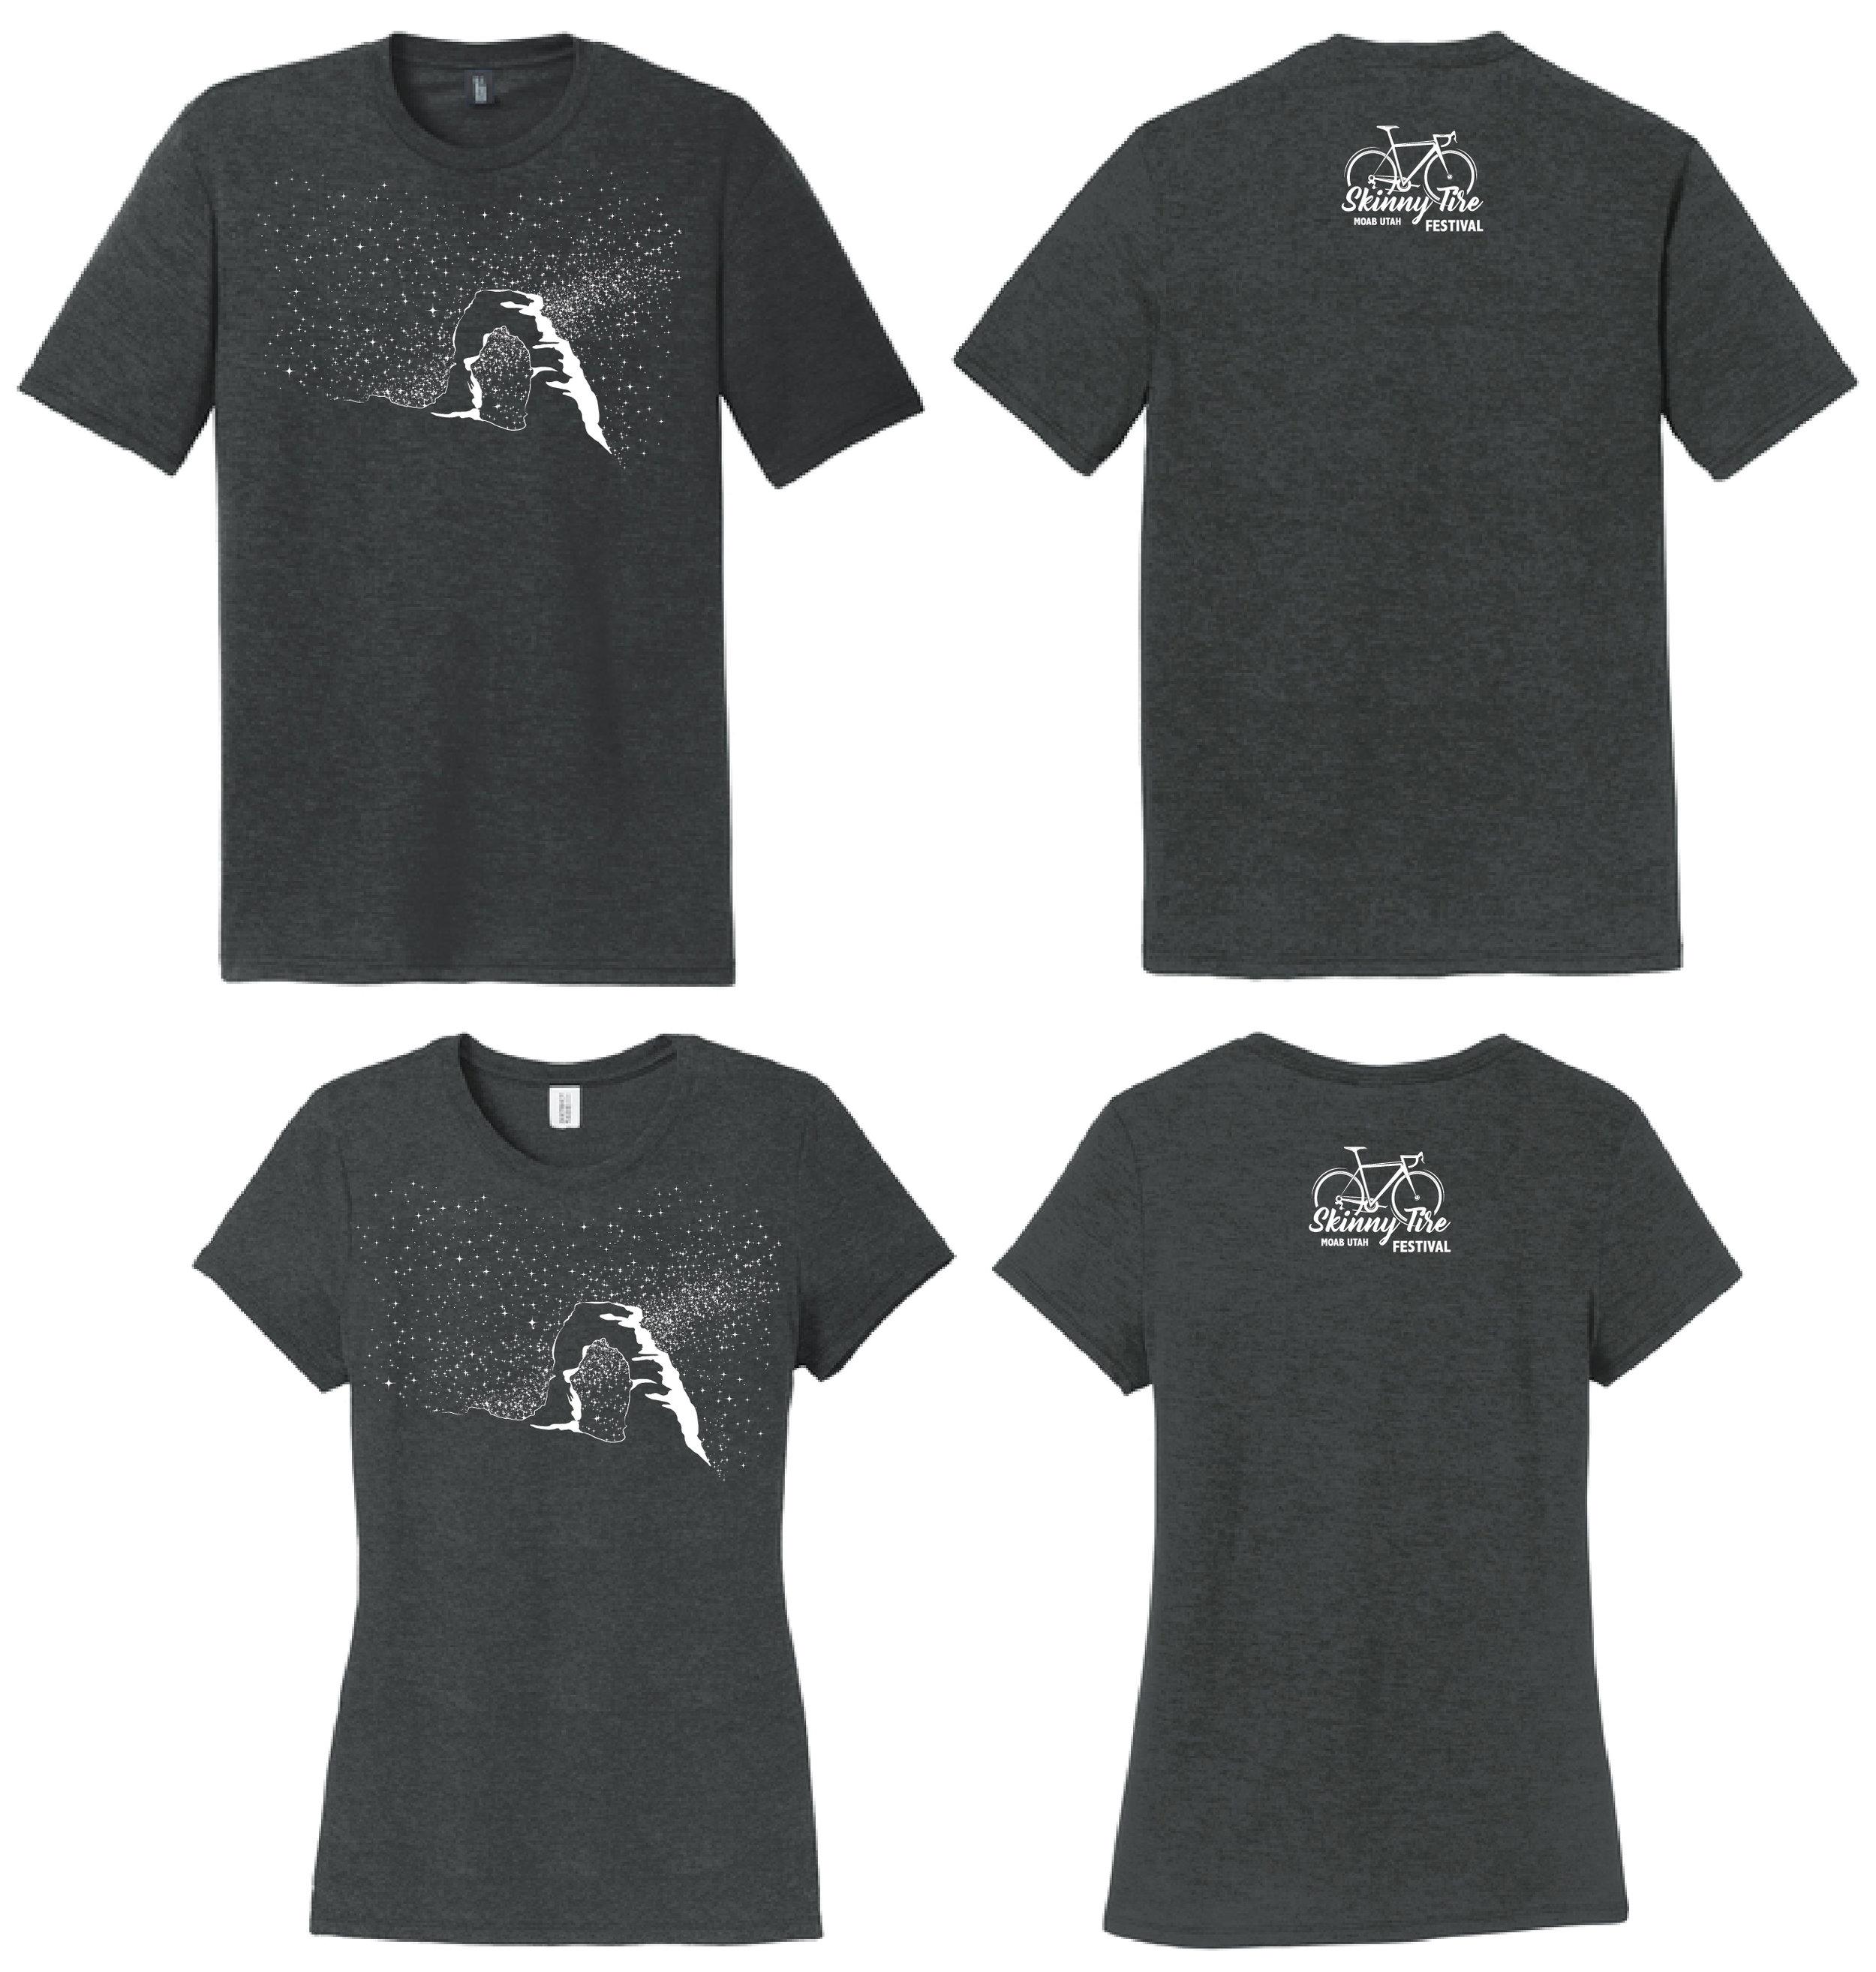 STF 2019 Tshirt.jpg